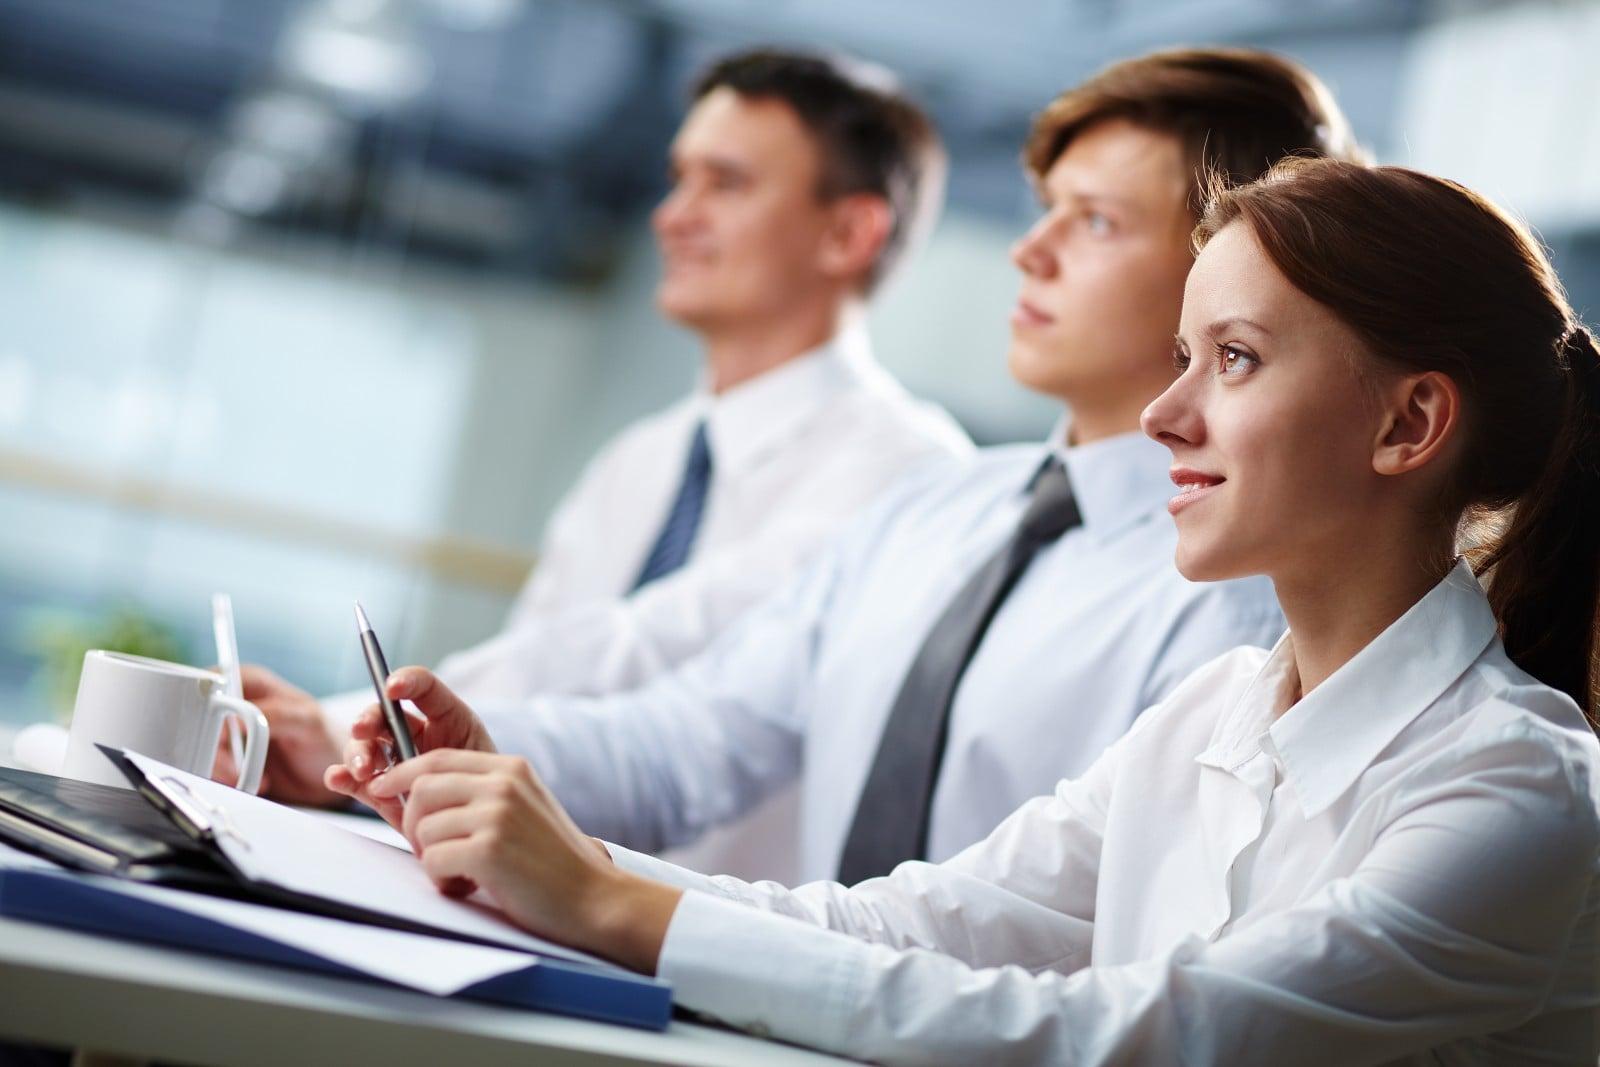 картинки про обучение в бизнесе готов ответить все